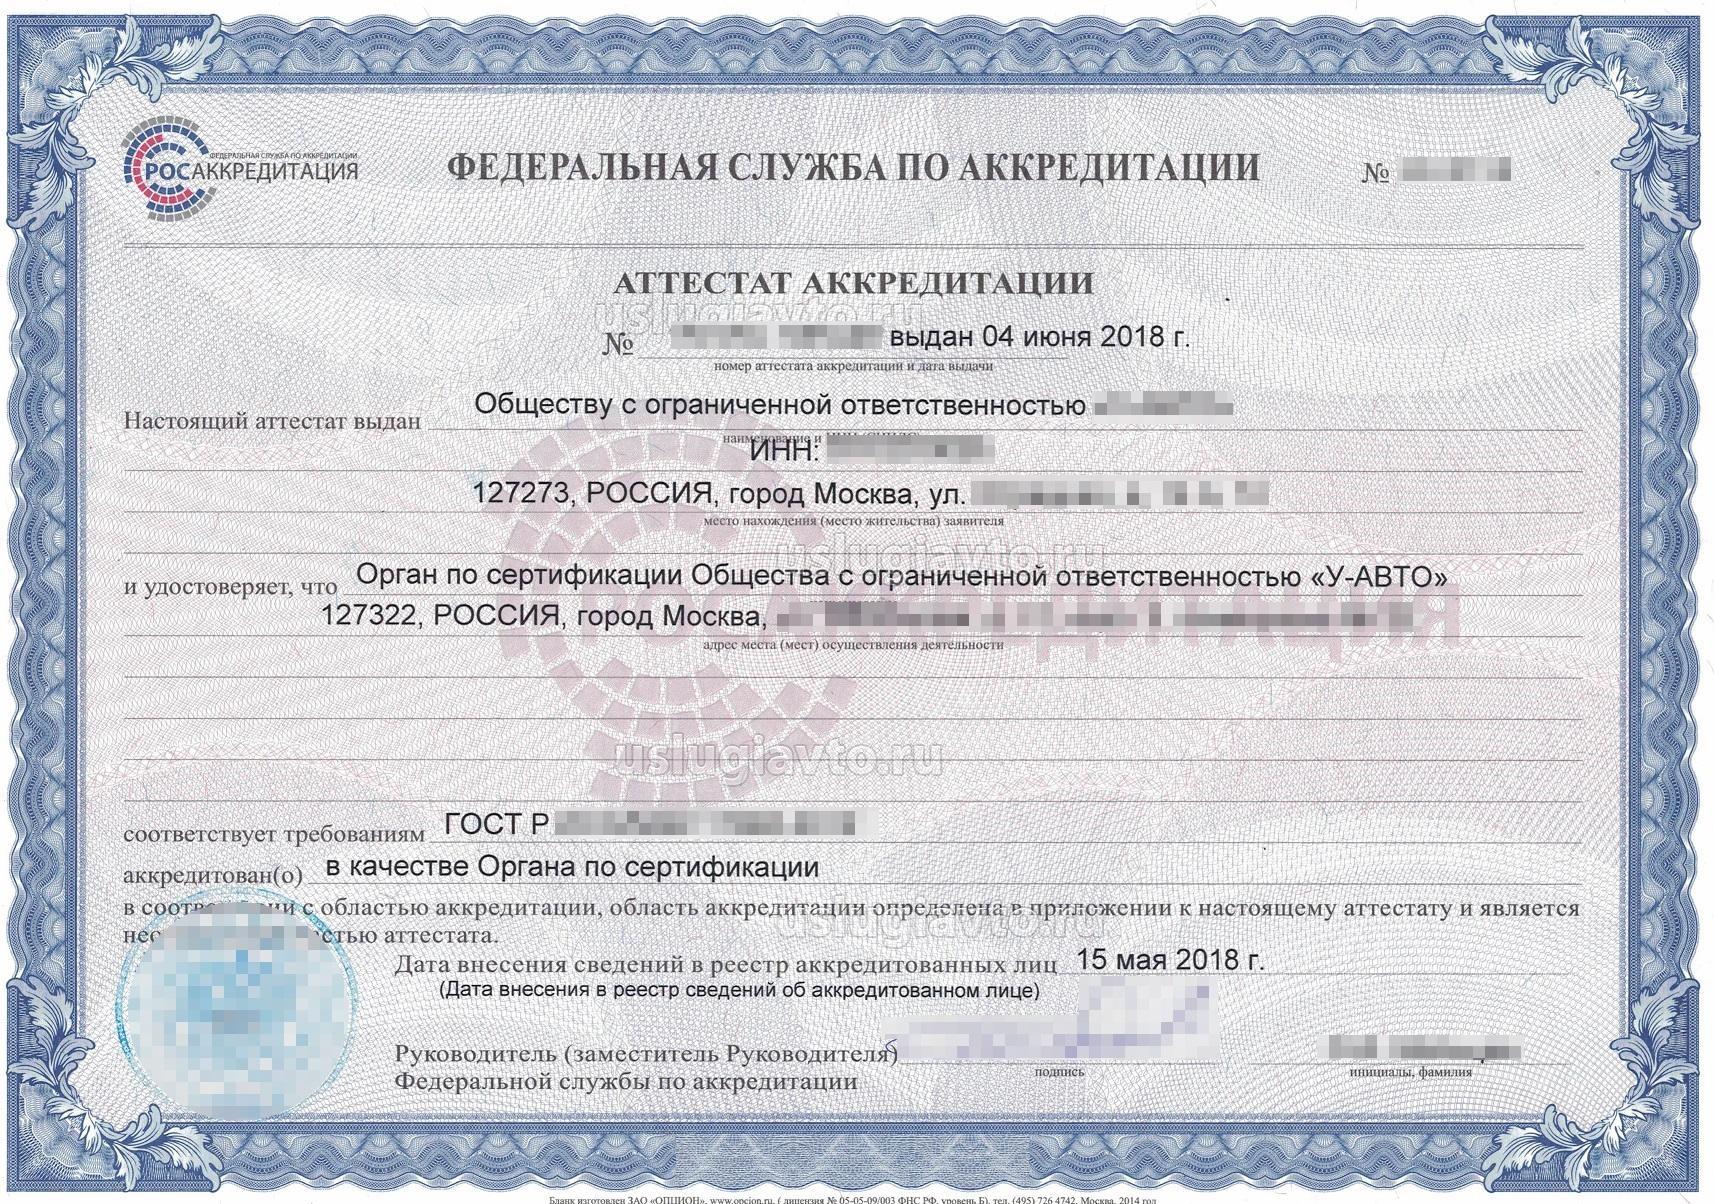 Аттестат аккредитации организации, наносившей маркировку. Источник: «Услугиавто-ру»